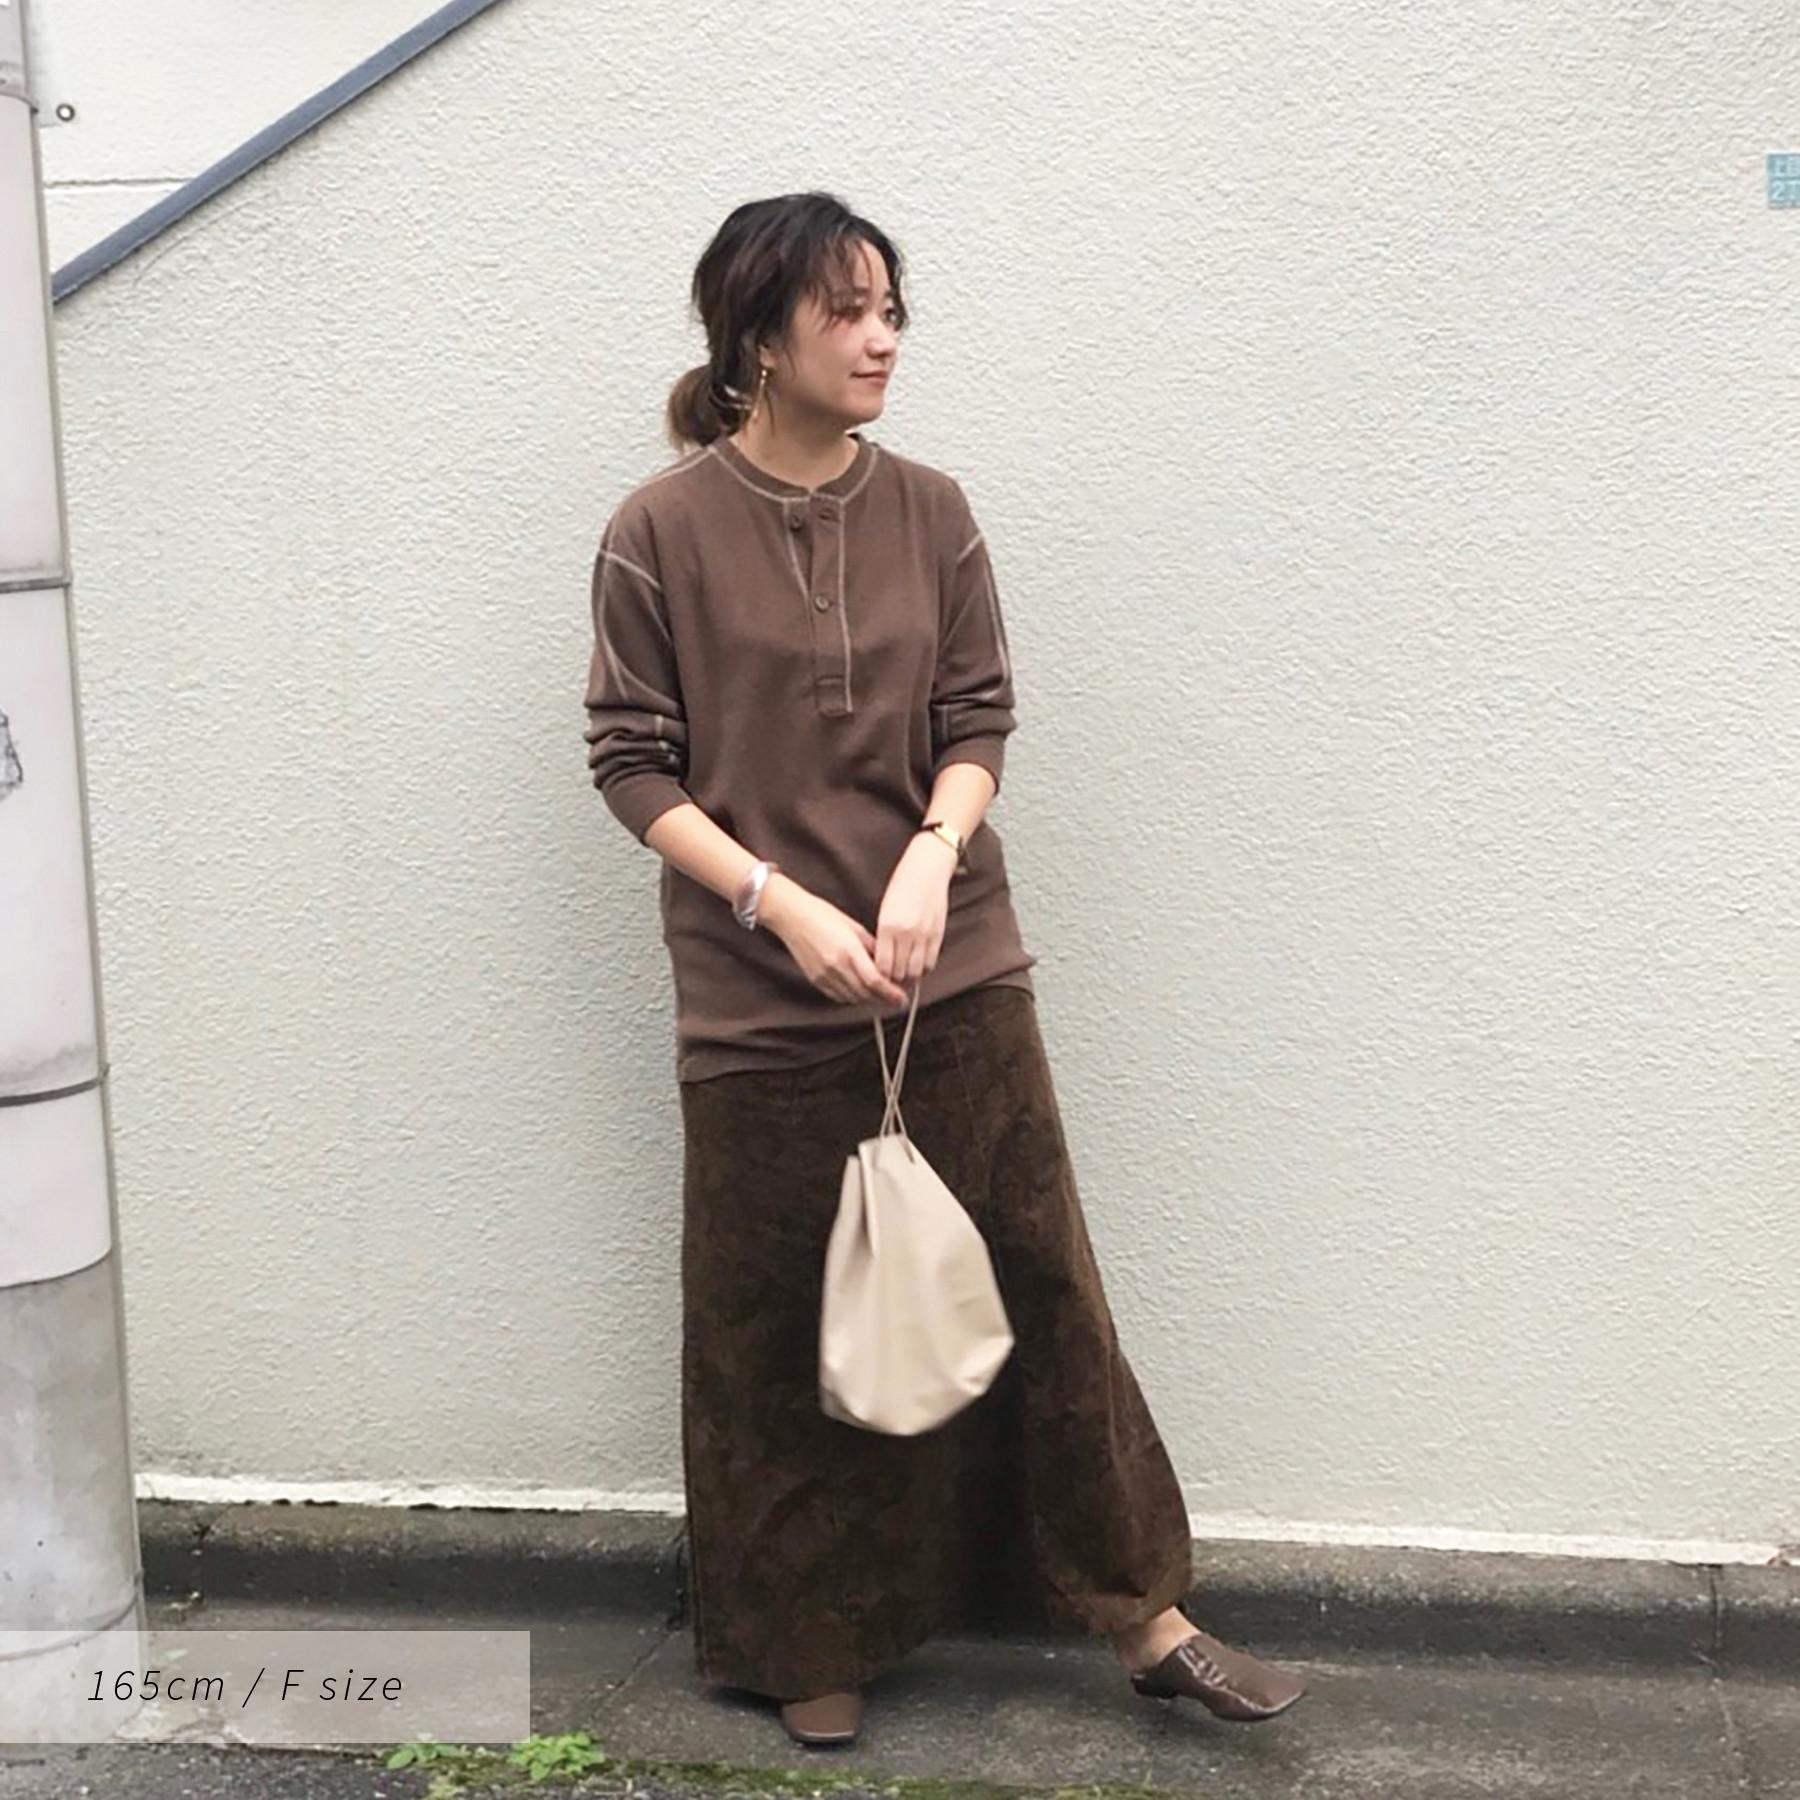 Vintage Henleyneck Knit